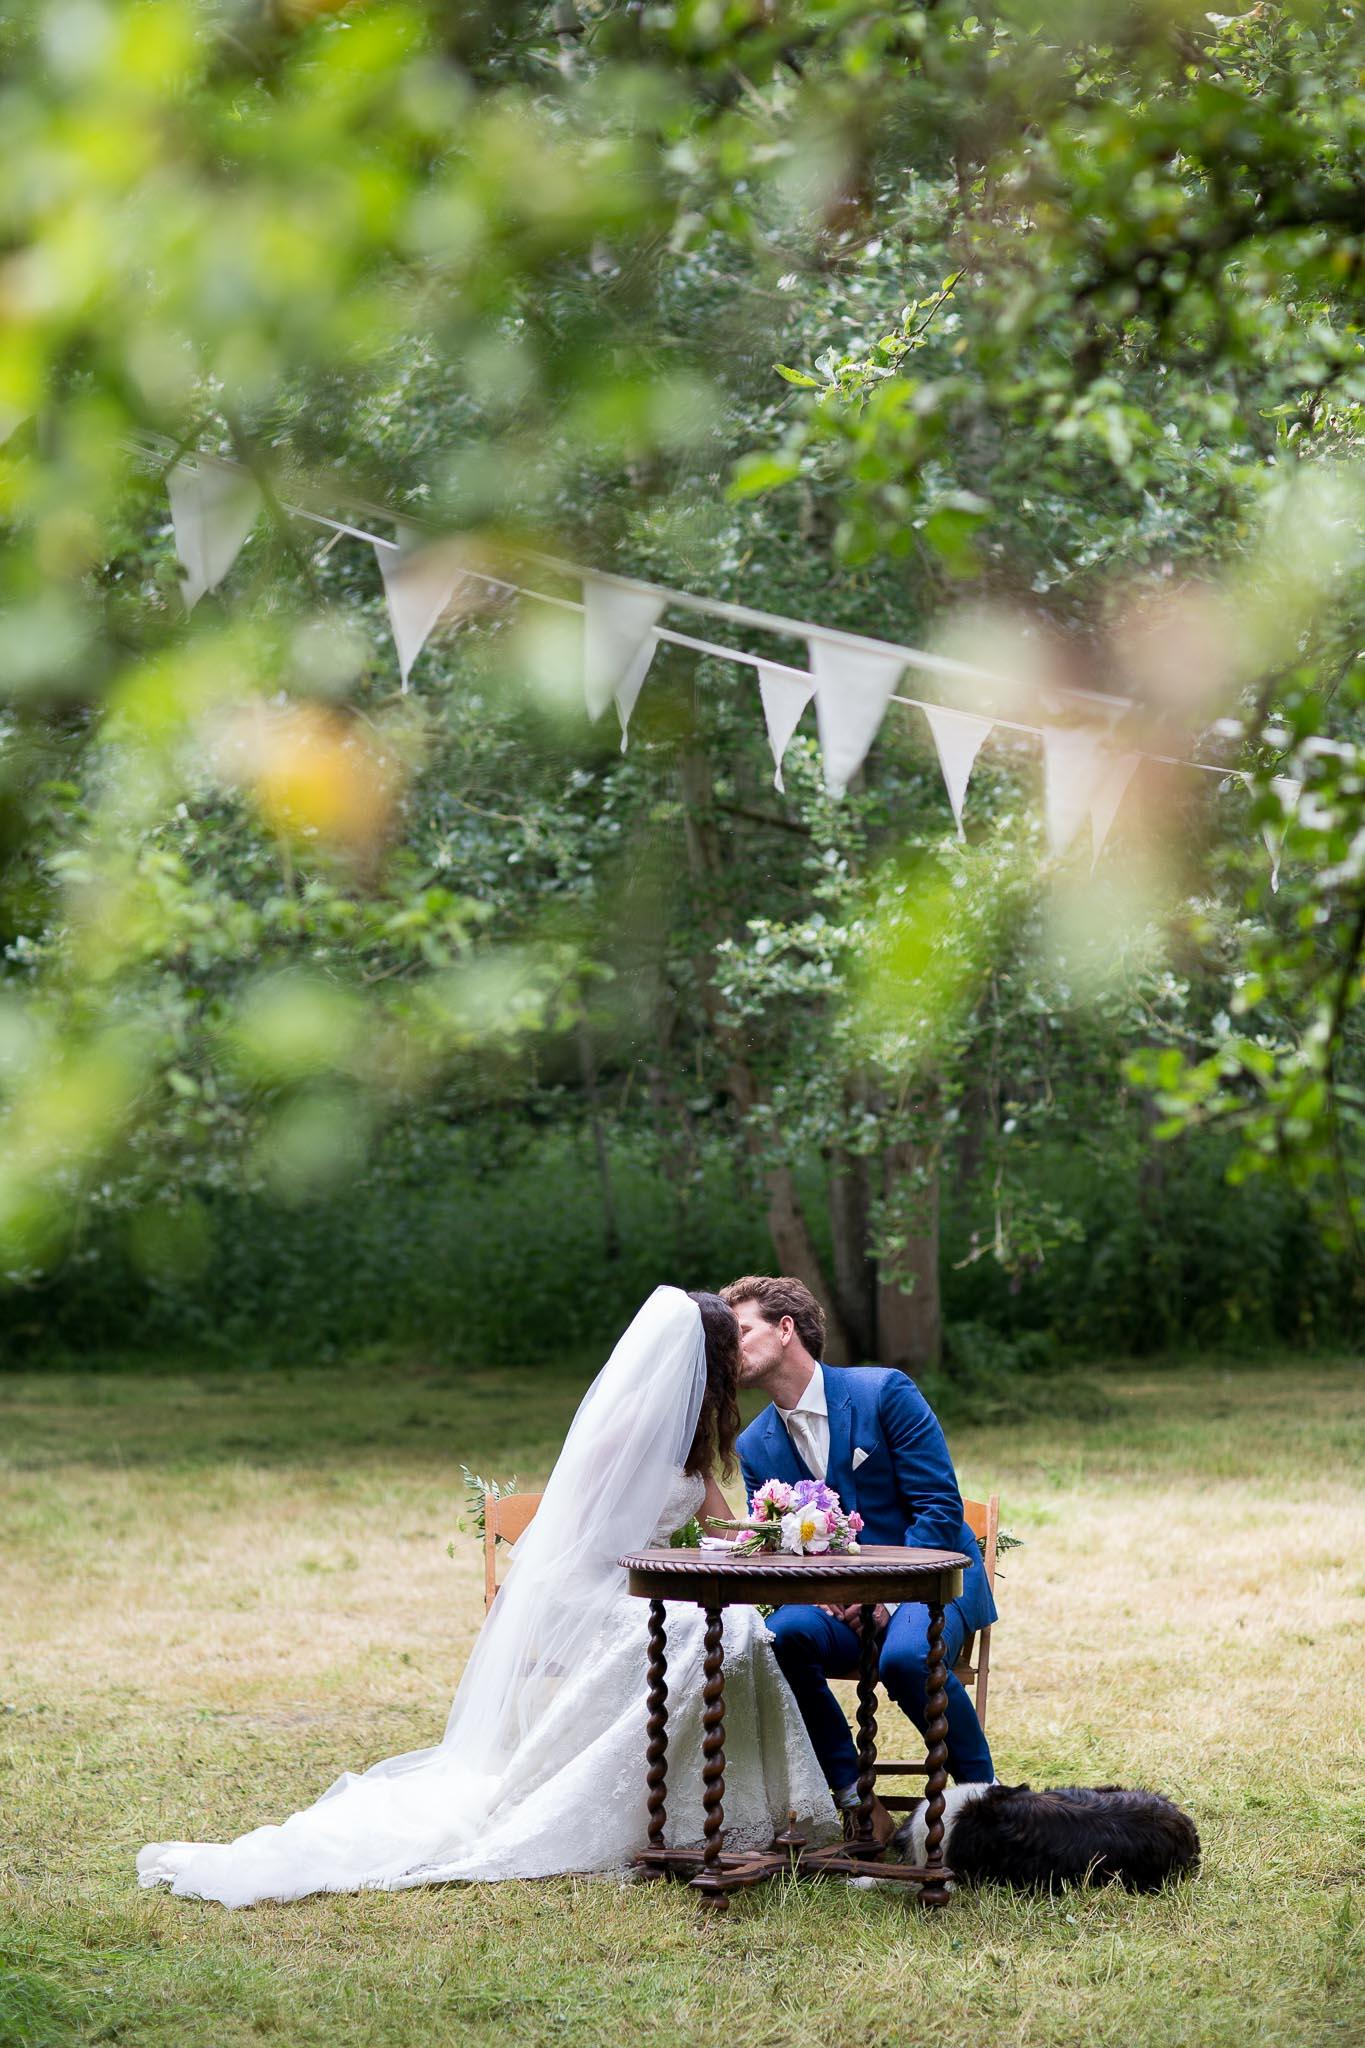 freebirdstories-com_wedding_christiaannina_lowres_456